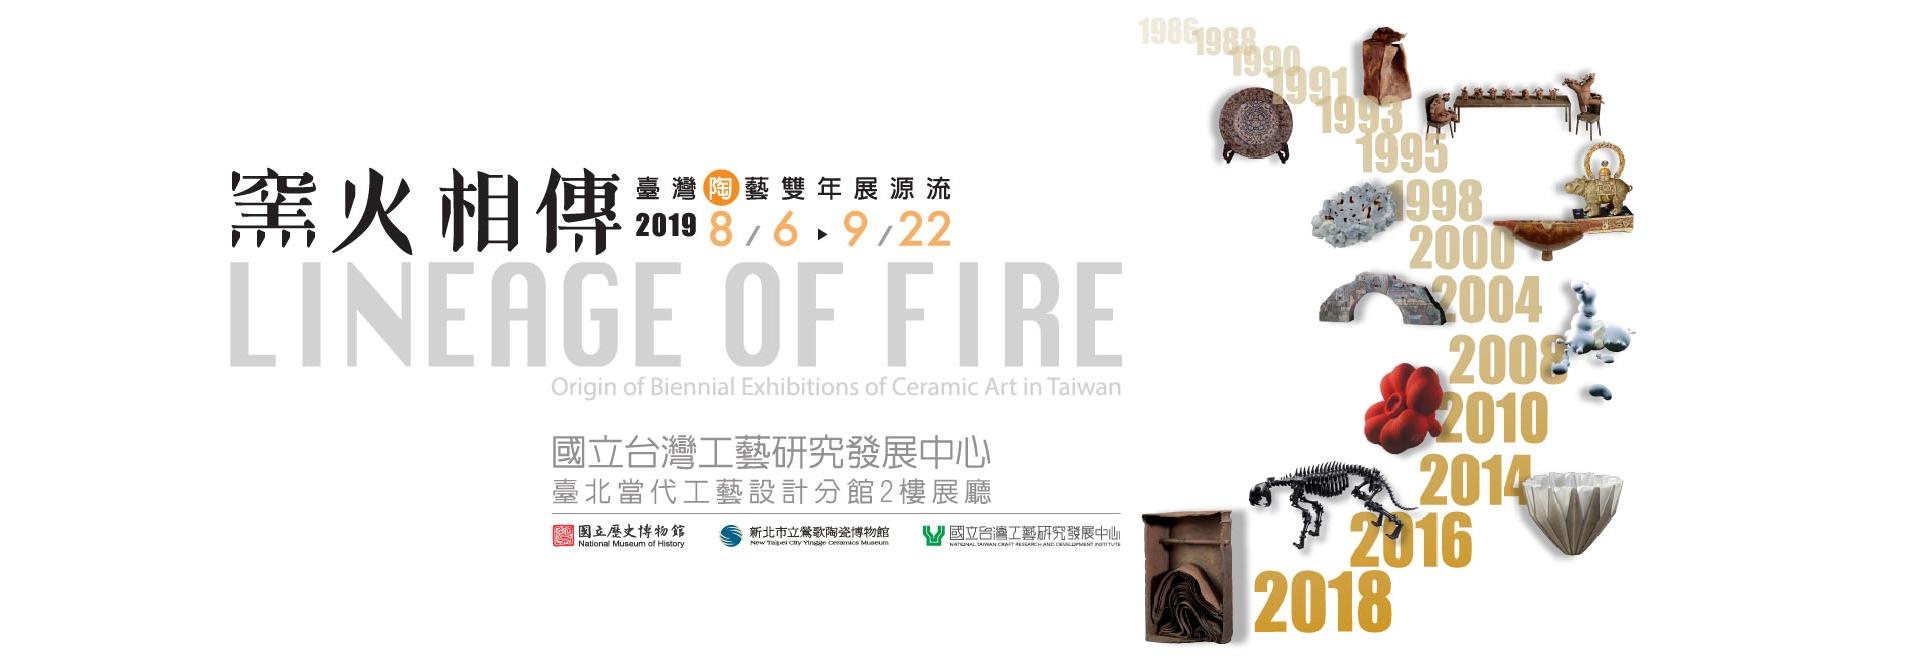 窯火相傳-臺灣陶藝雙年展源流[另開新視窗]